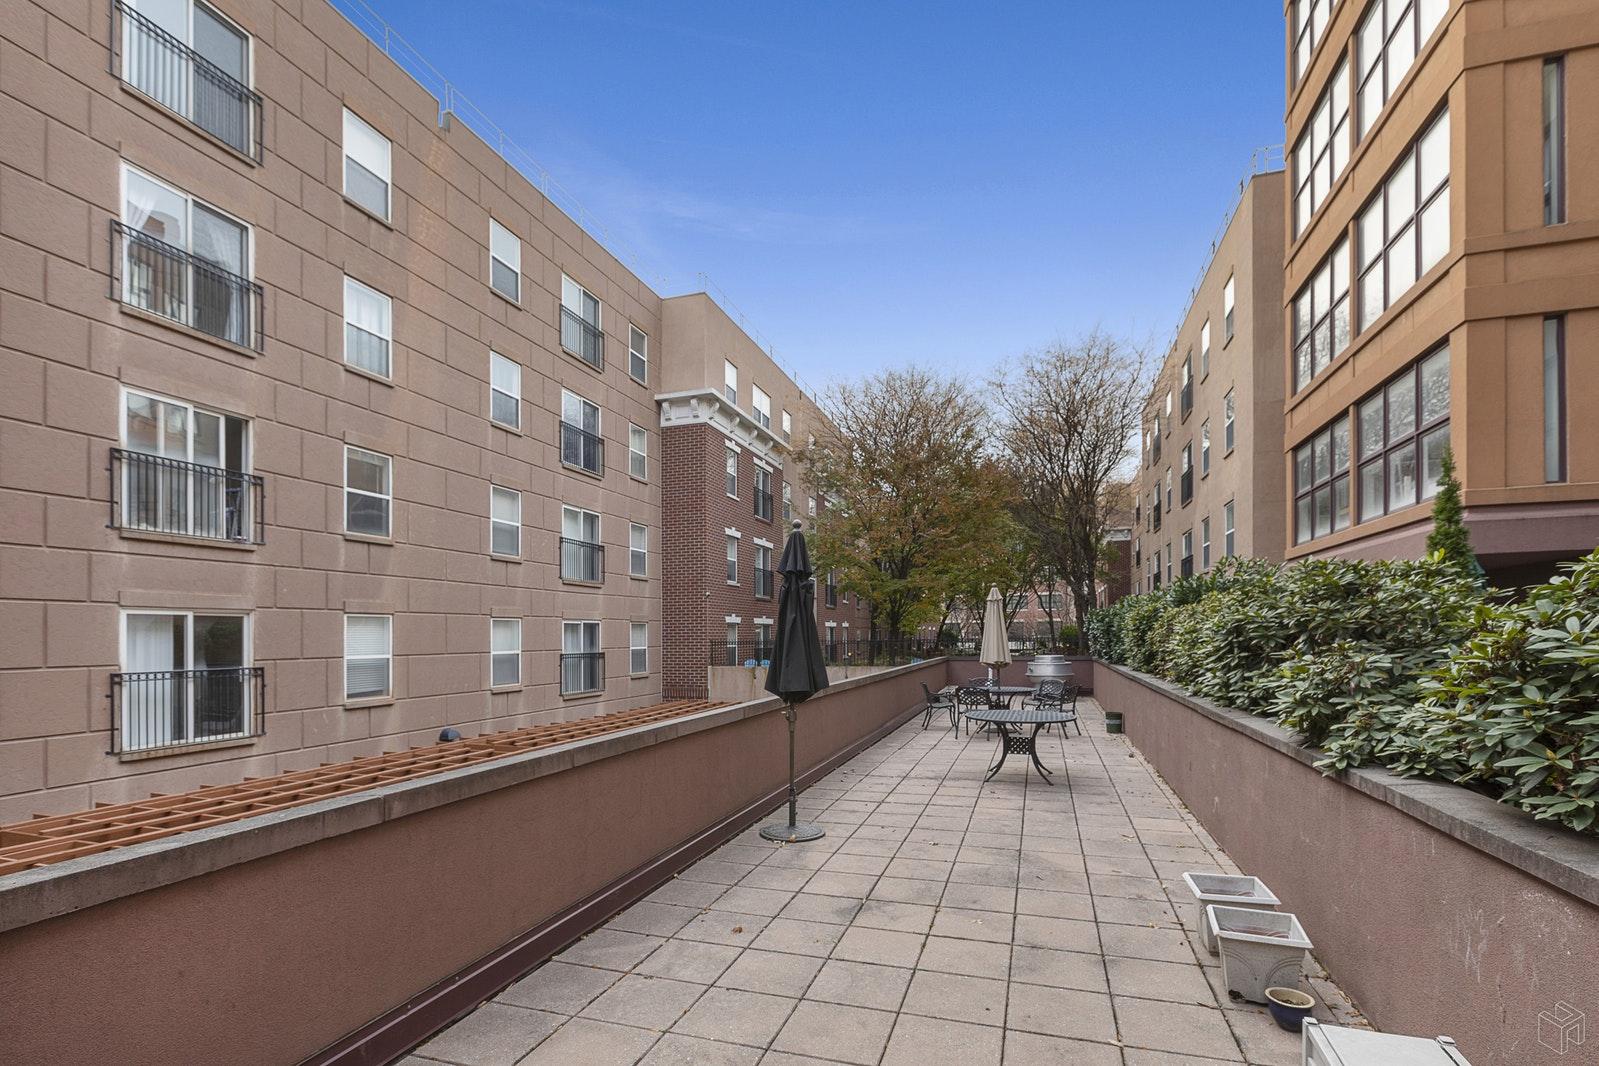 1331 GRAND ST 207, Hoboken, $699,000, Web #: 19330201